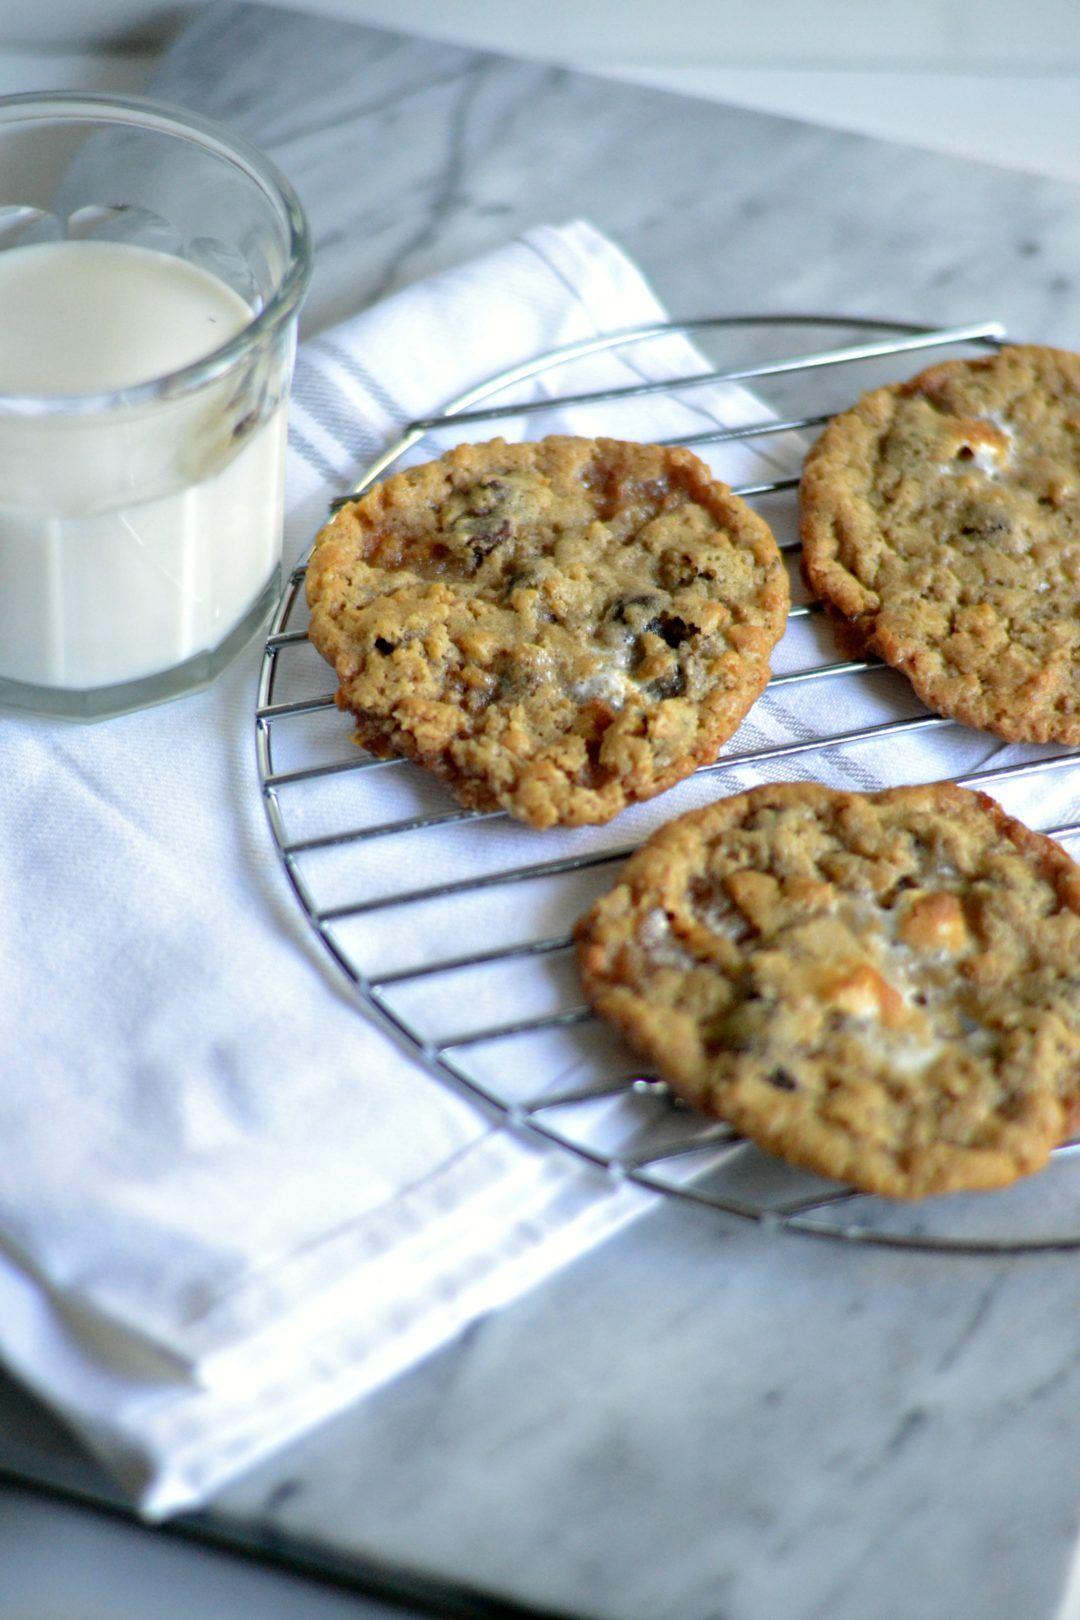 Chocolate Chip Rice Krispies Treat Cookies